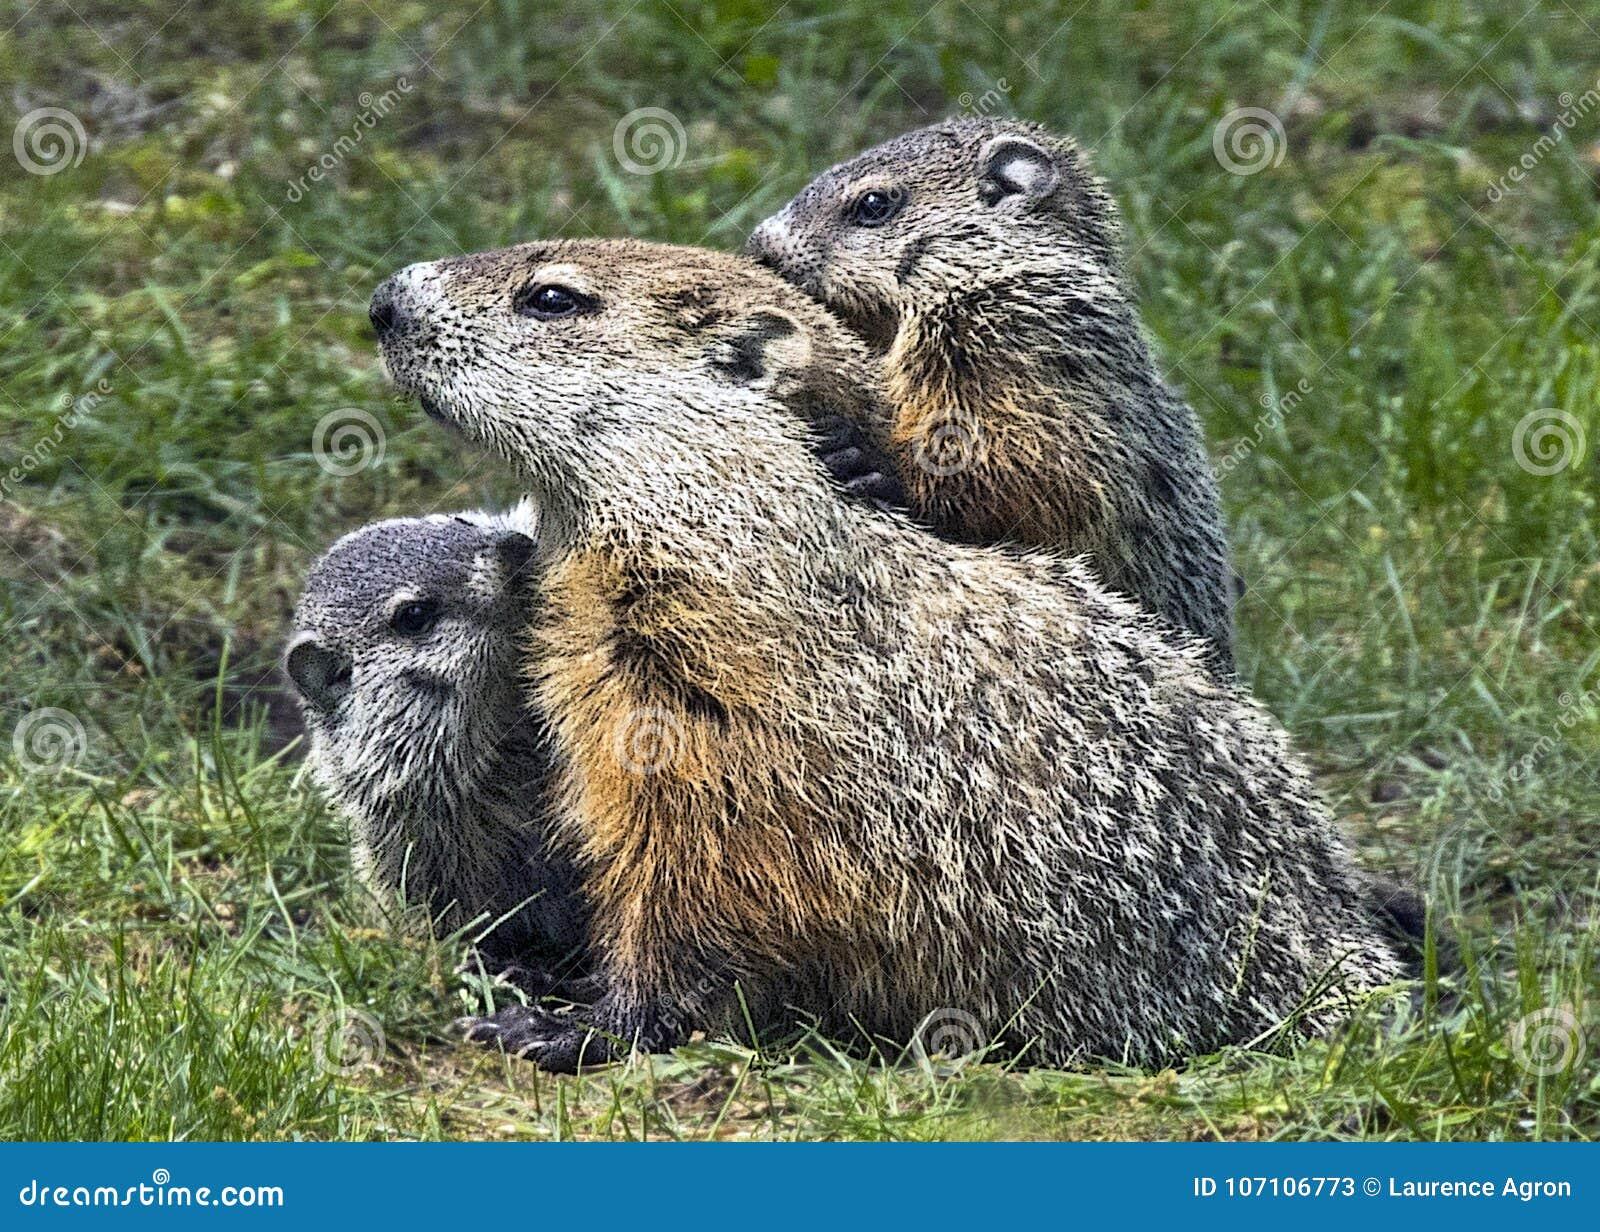 Woodchuck Family